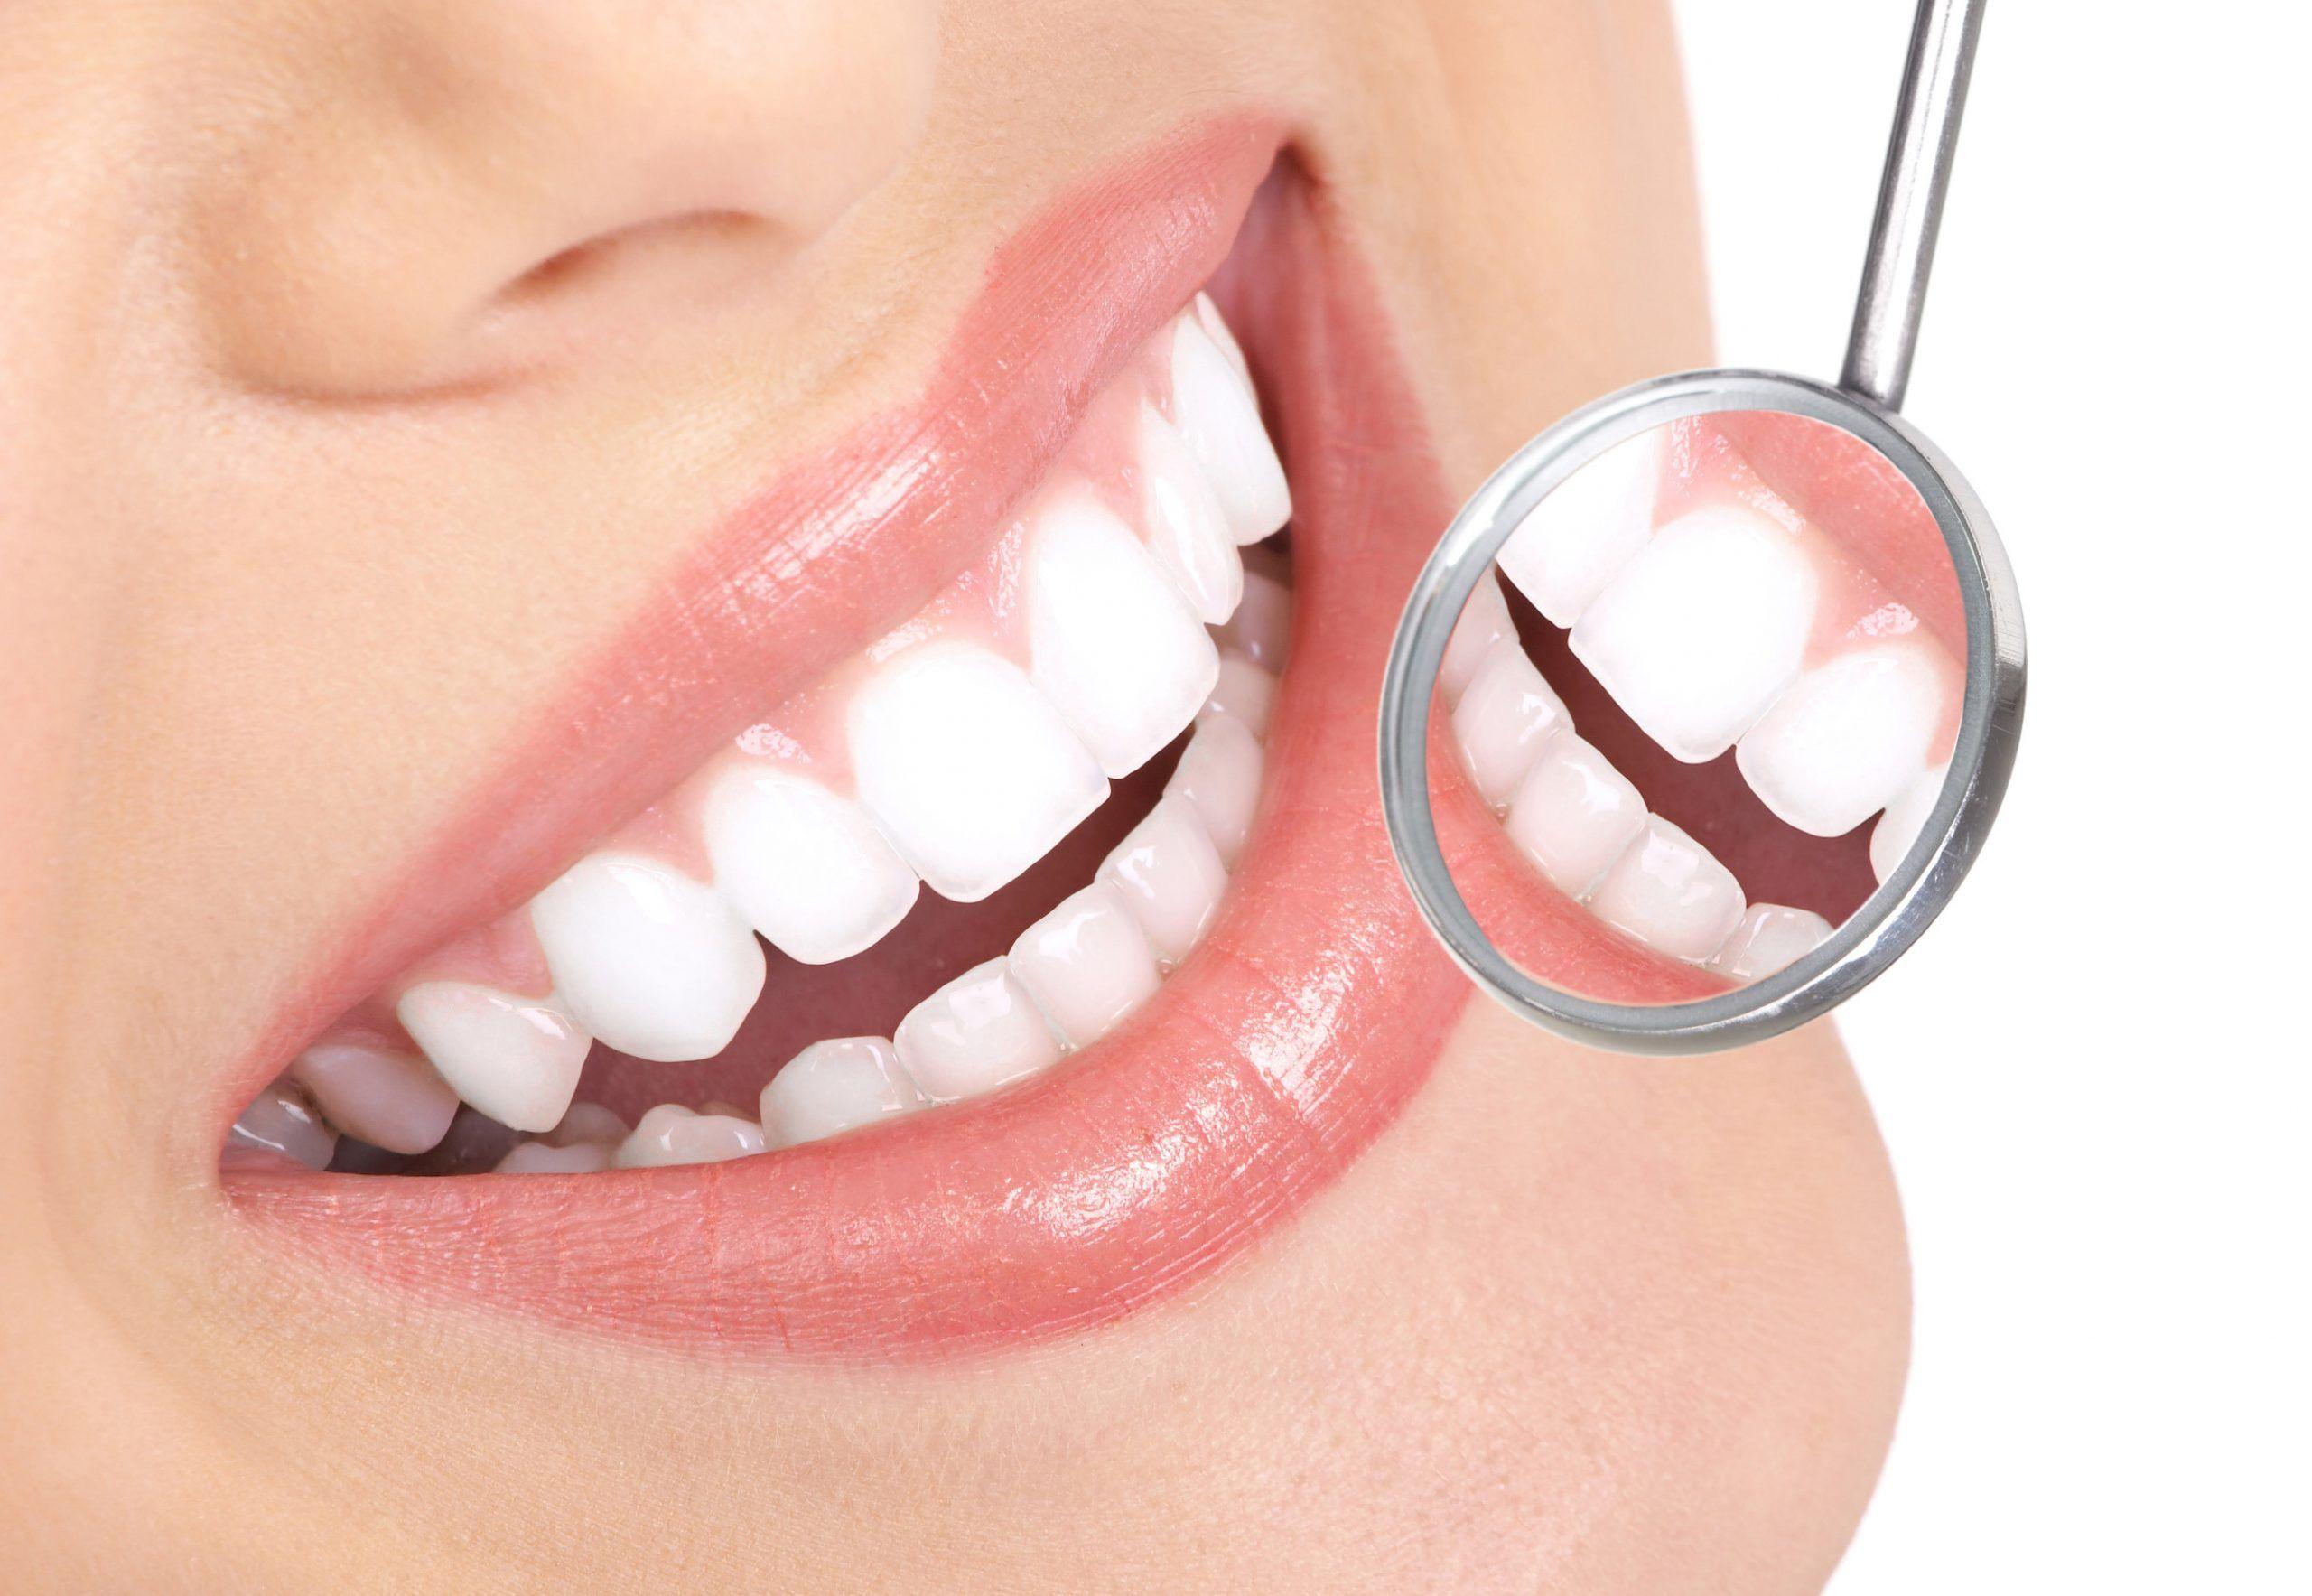 odontoiatria e protesi dentaria 150x150